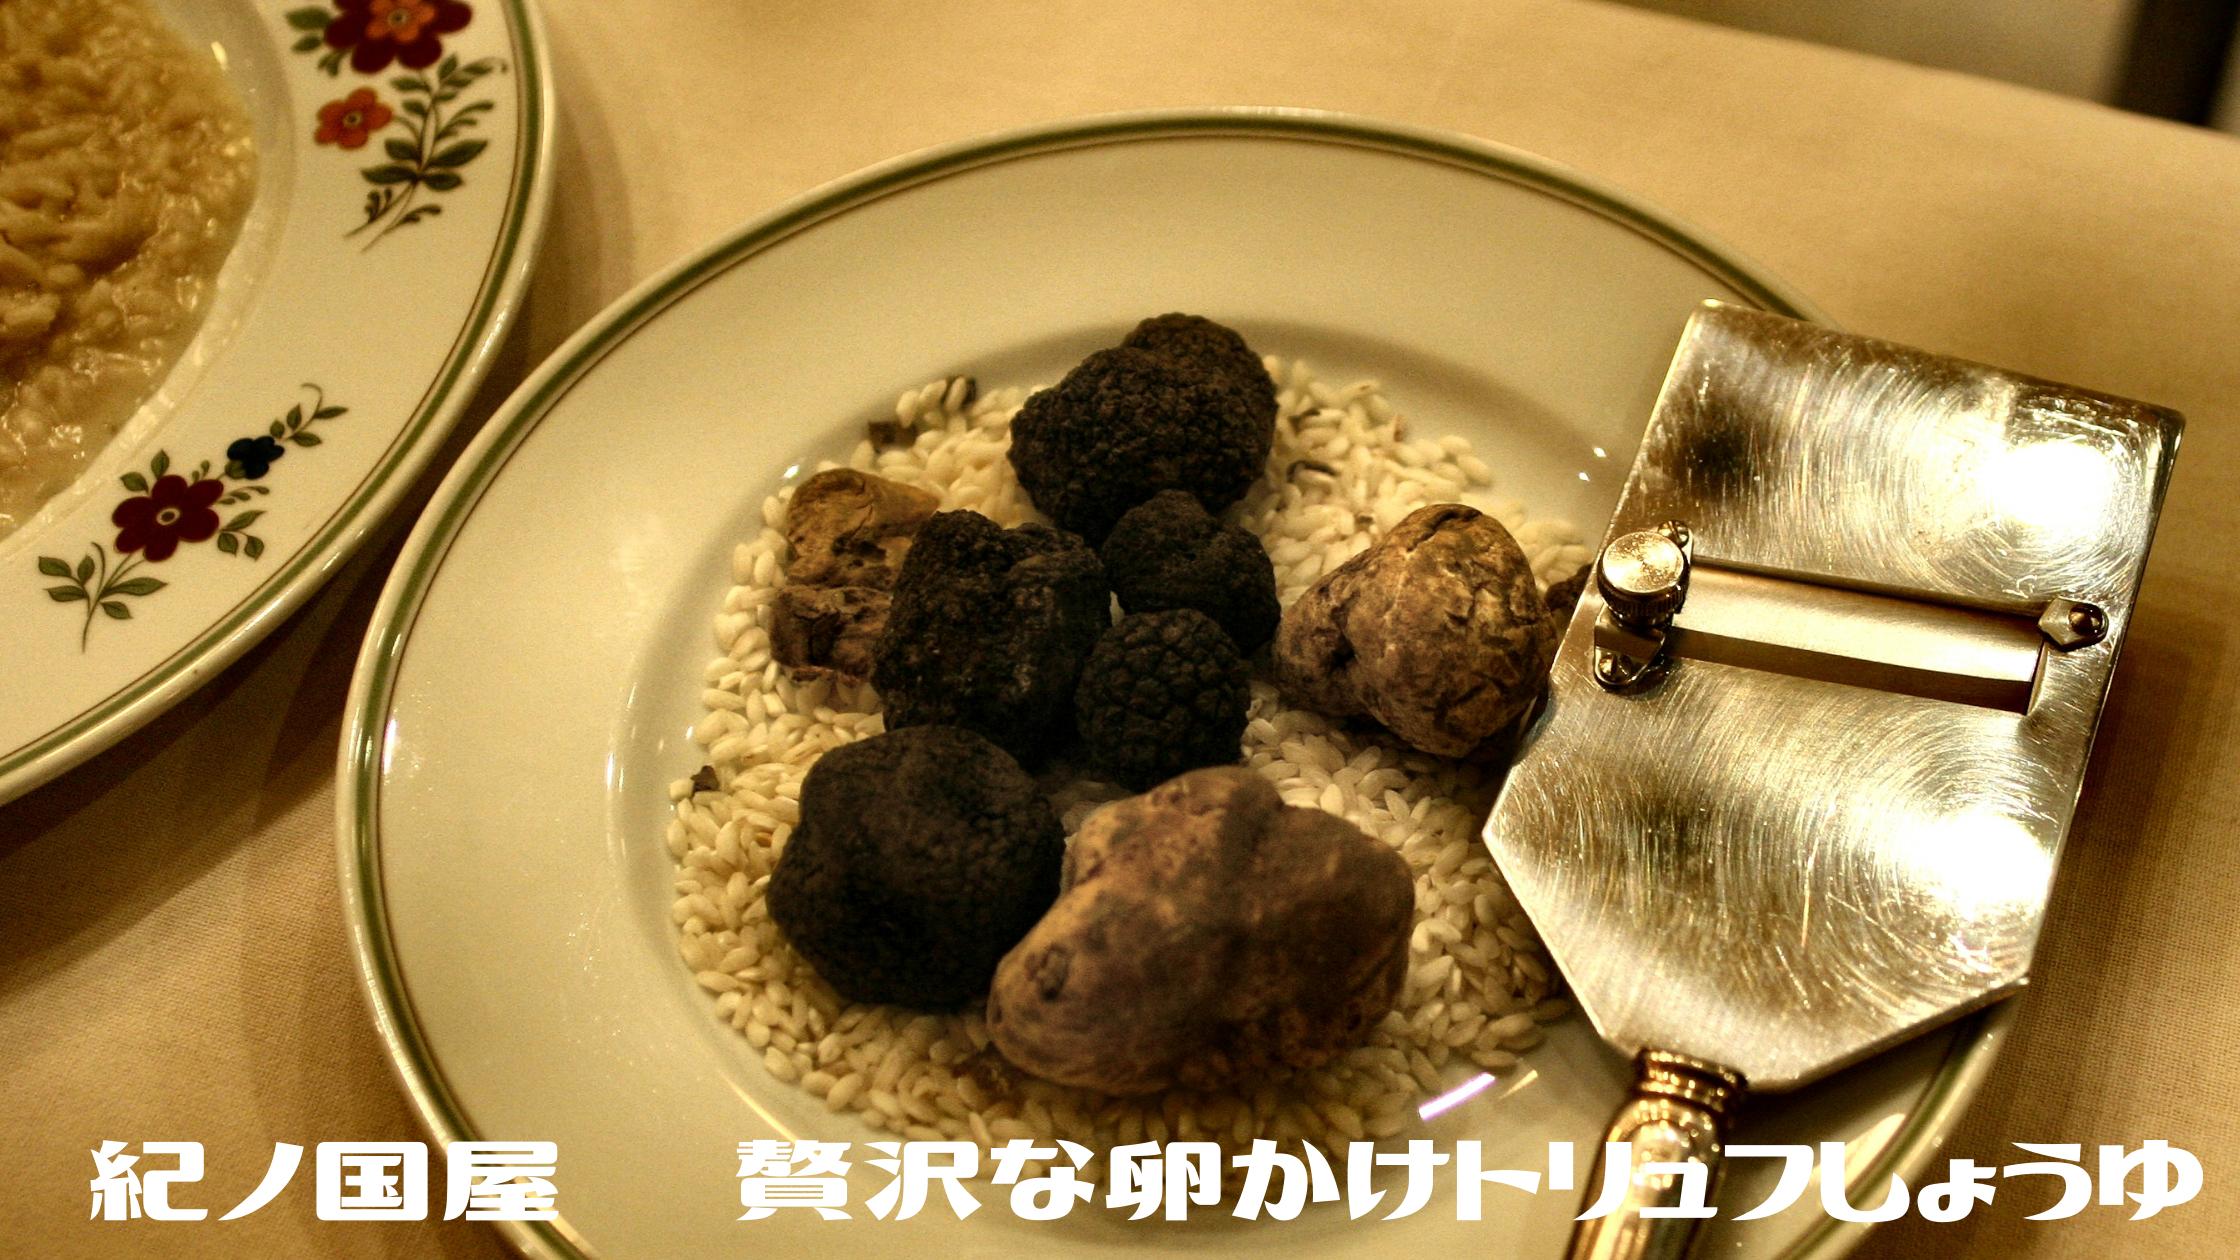 【メレンゲの気持ち】森 七菜さん激推し『紀ノ国屋 贅沢な卵かけトリュフしょうゆ』